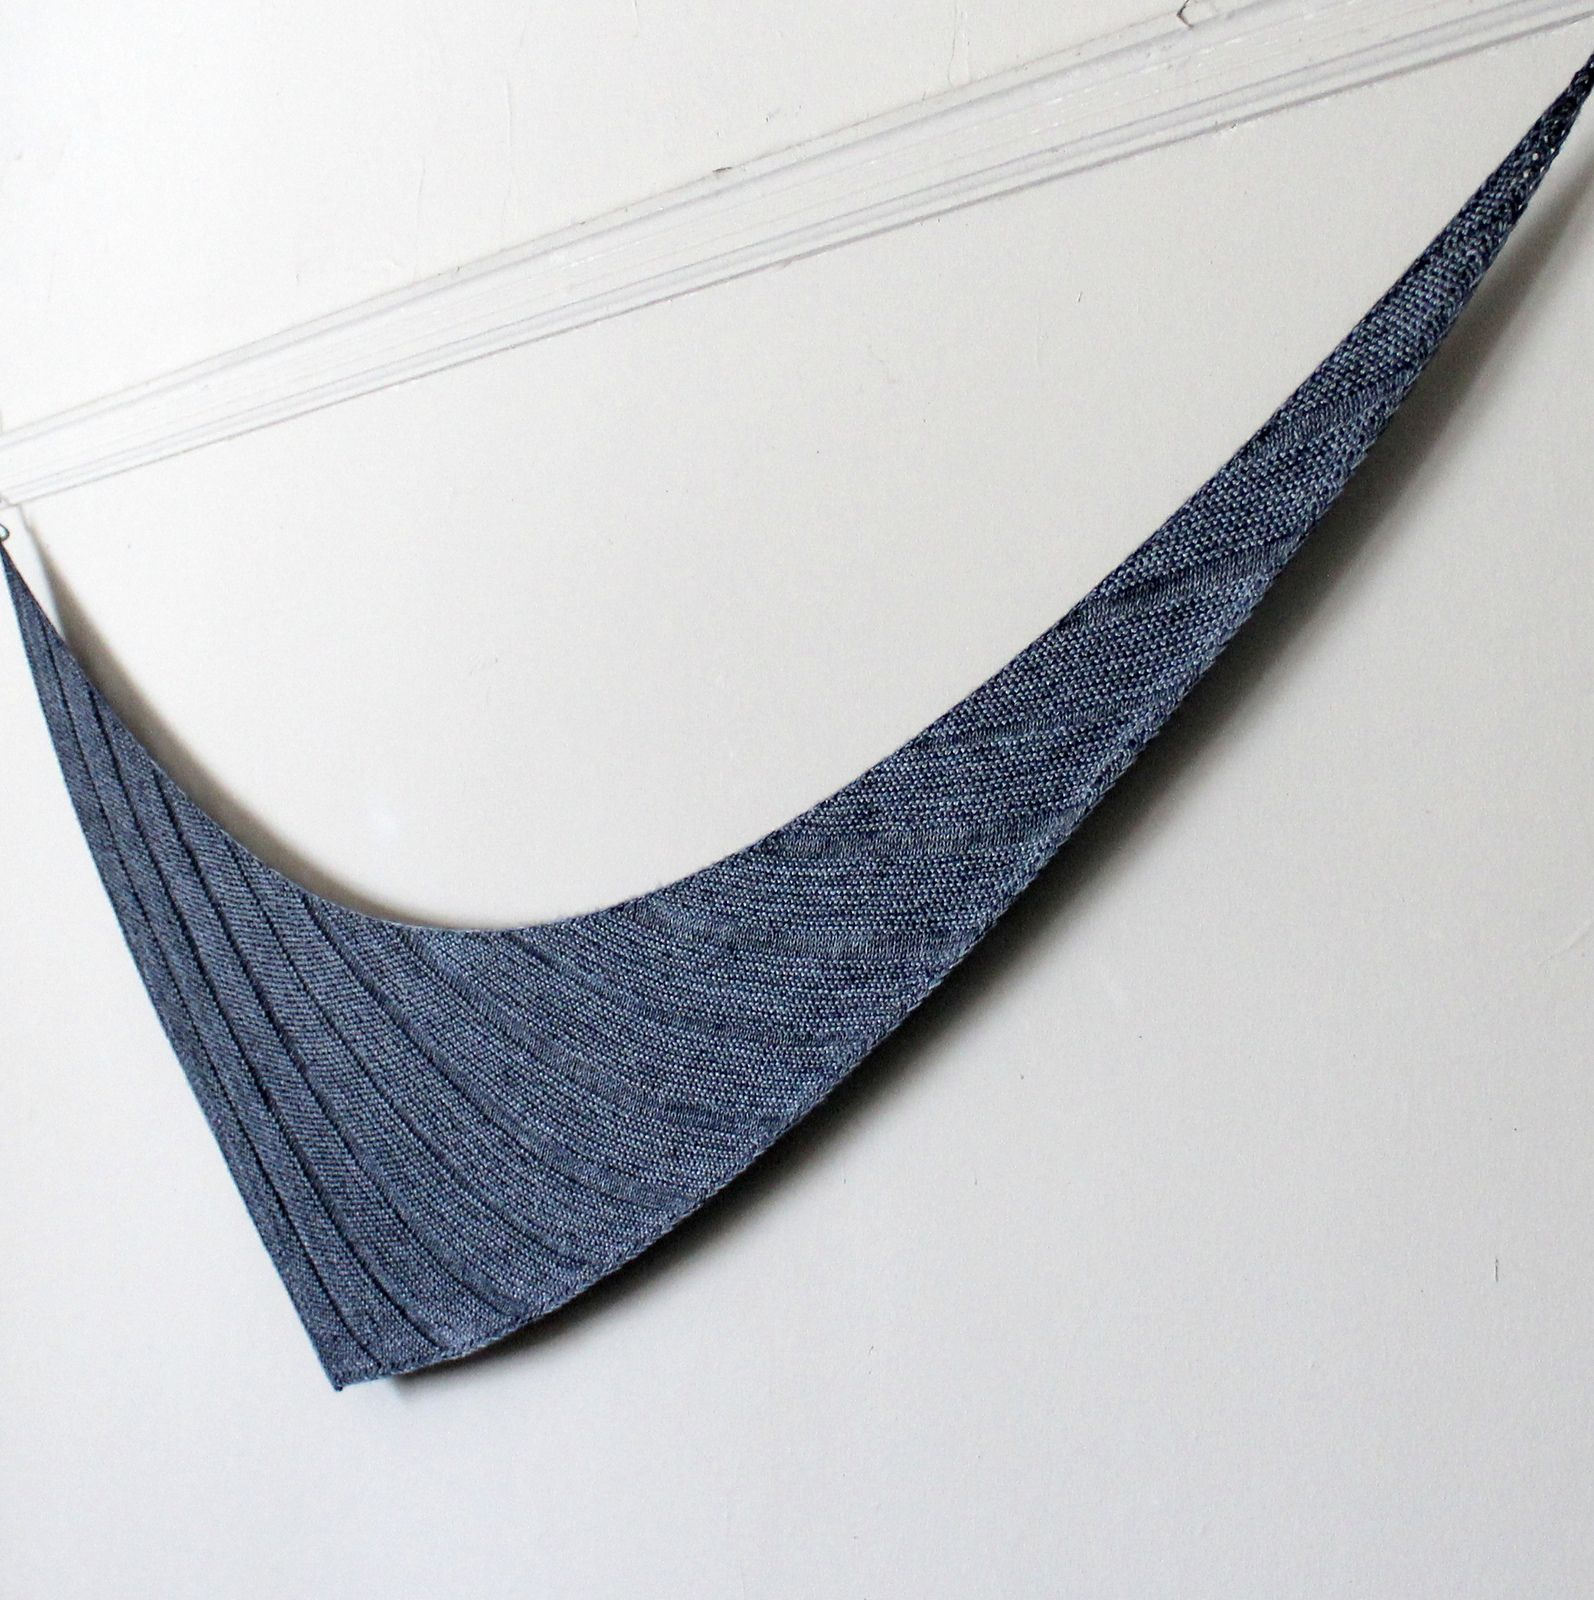 Sailing pattern by Meg Gadsbey | Chal